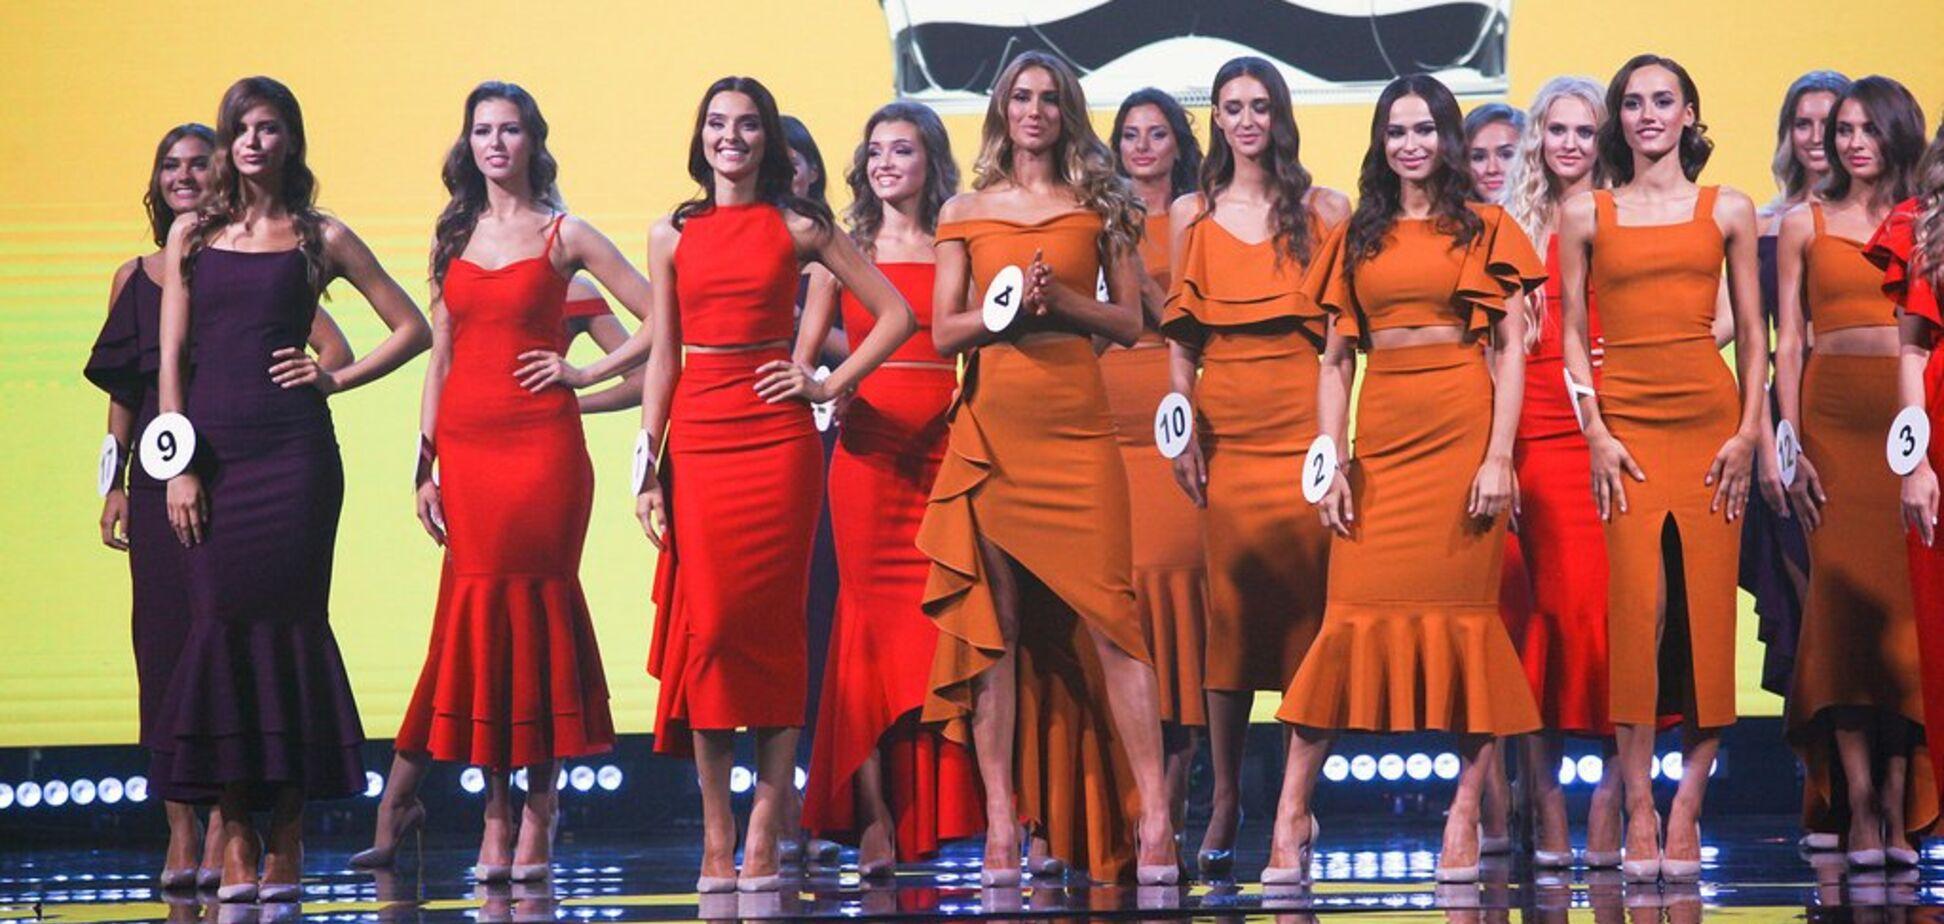 Конкурс ''Мисс Украина'' изменил требования к участницам: кто подходит